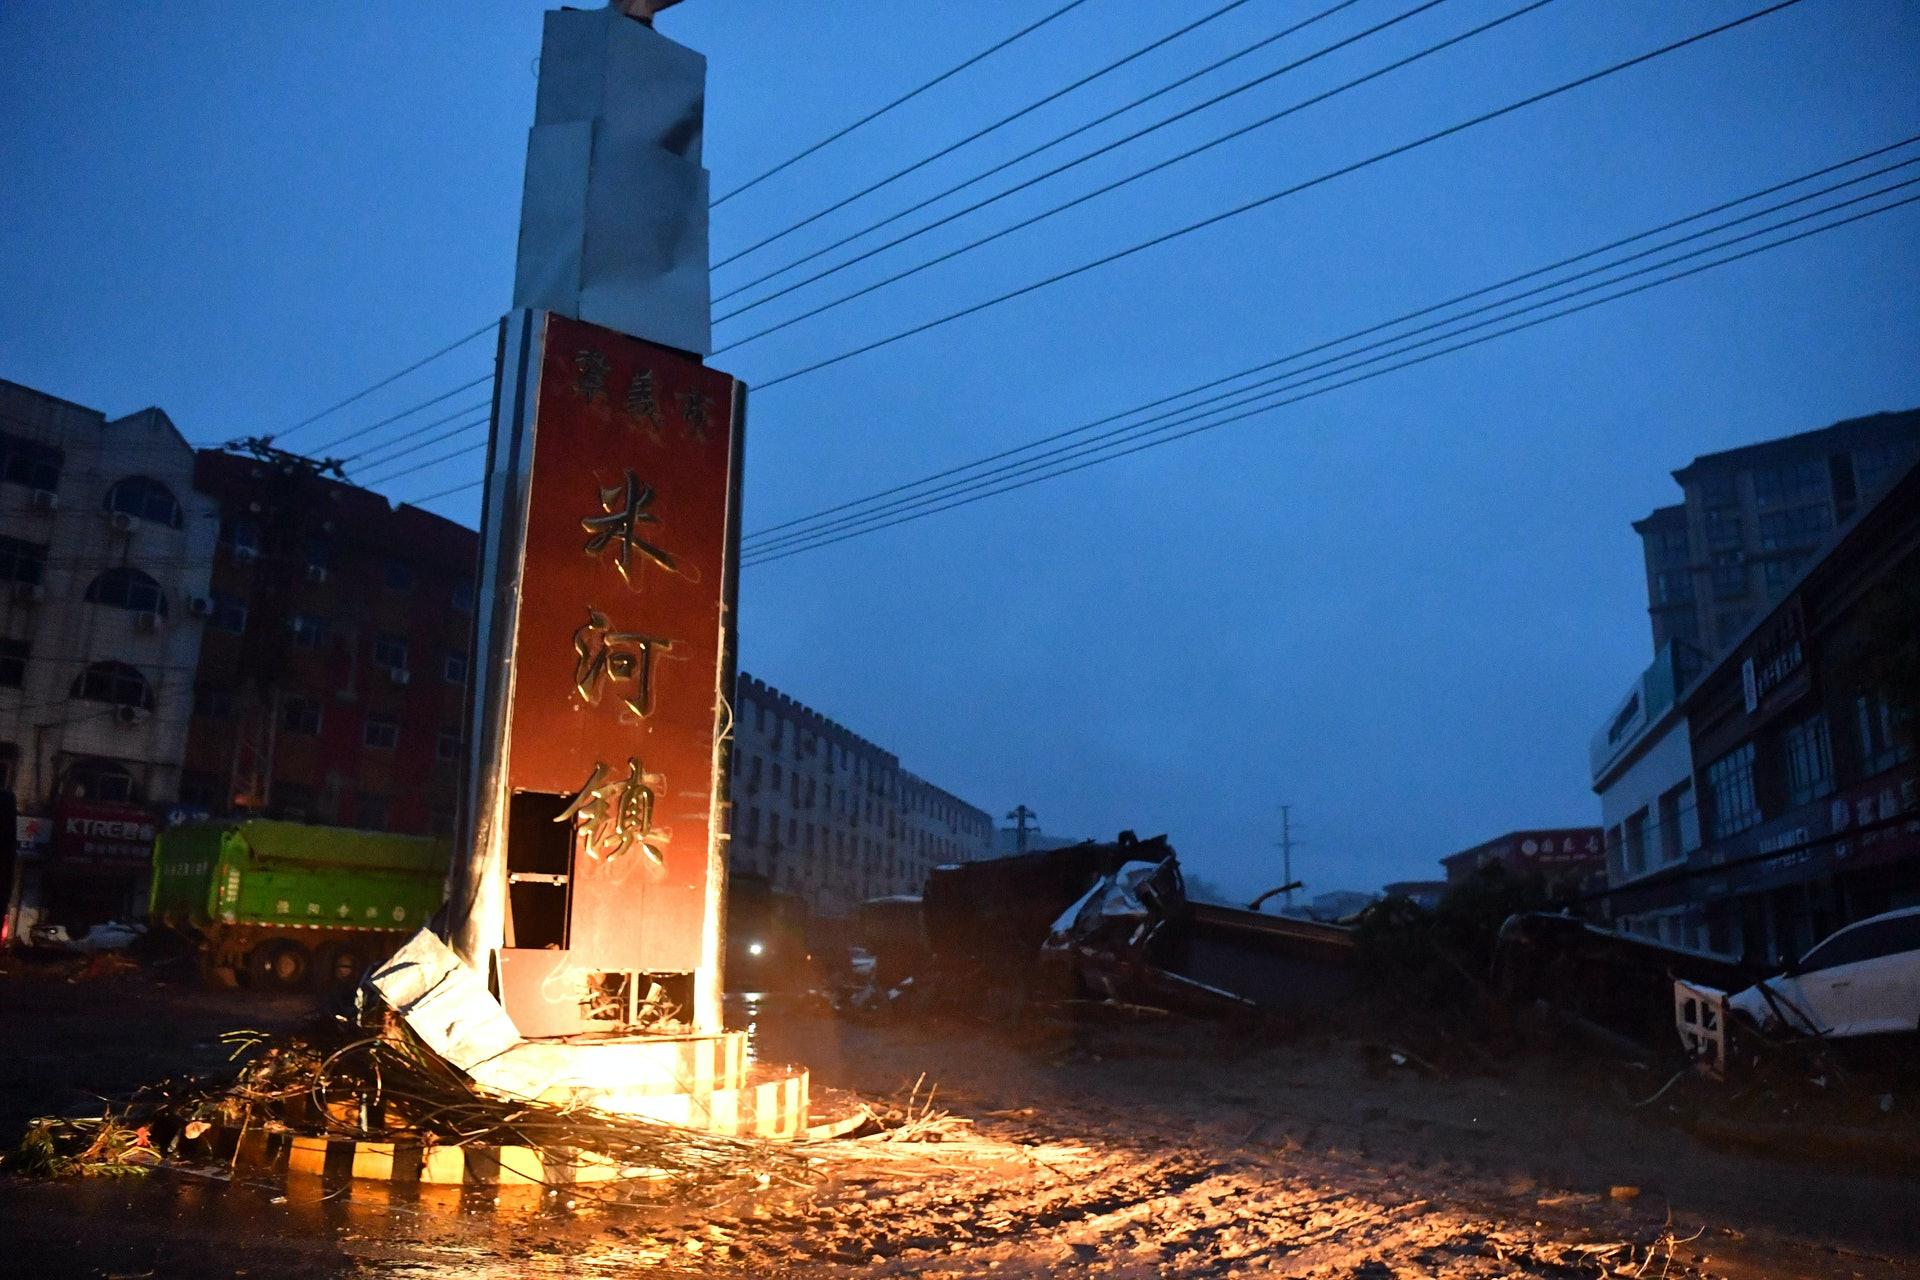 7月20日,河南省鞏義市米河鎮鎮區因強降雨被淹沒,電力、通訊中斷,一度與外界失去聯繫。(新華社)